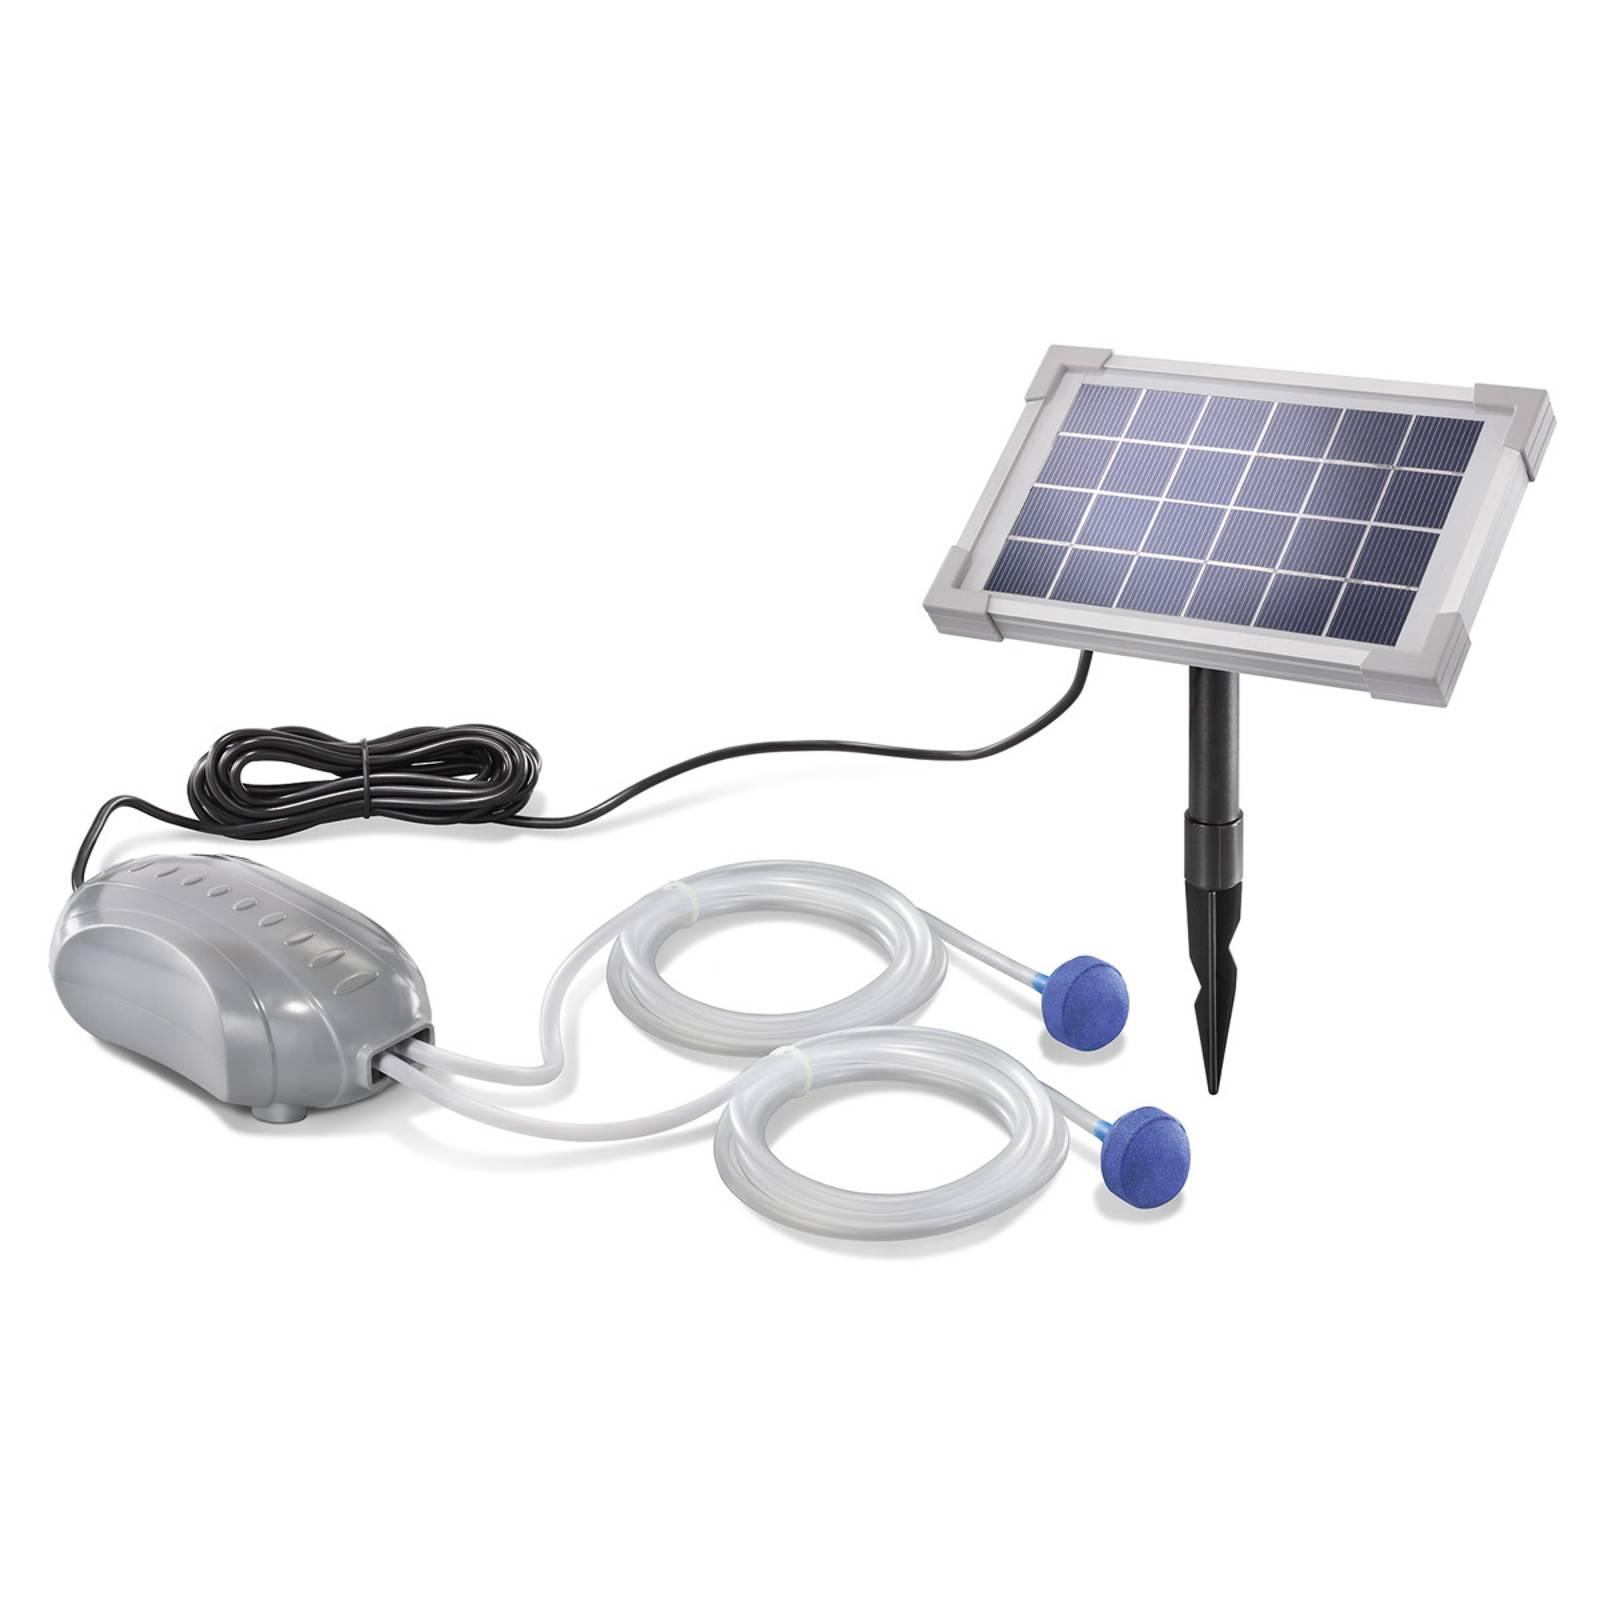 Duo Air – aurinkokäyttöinen lampi-ilmastin